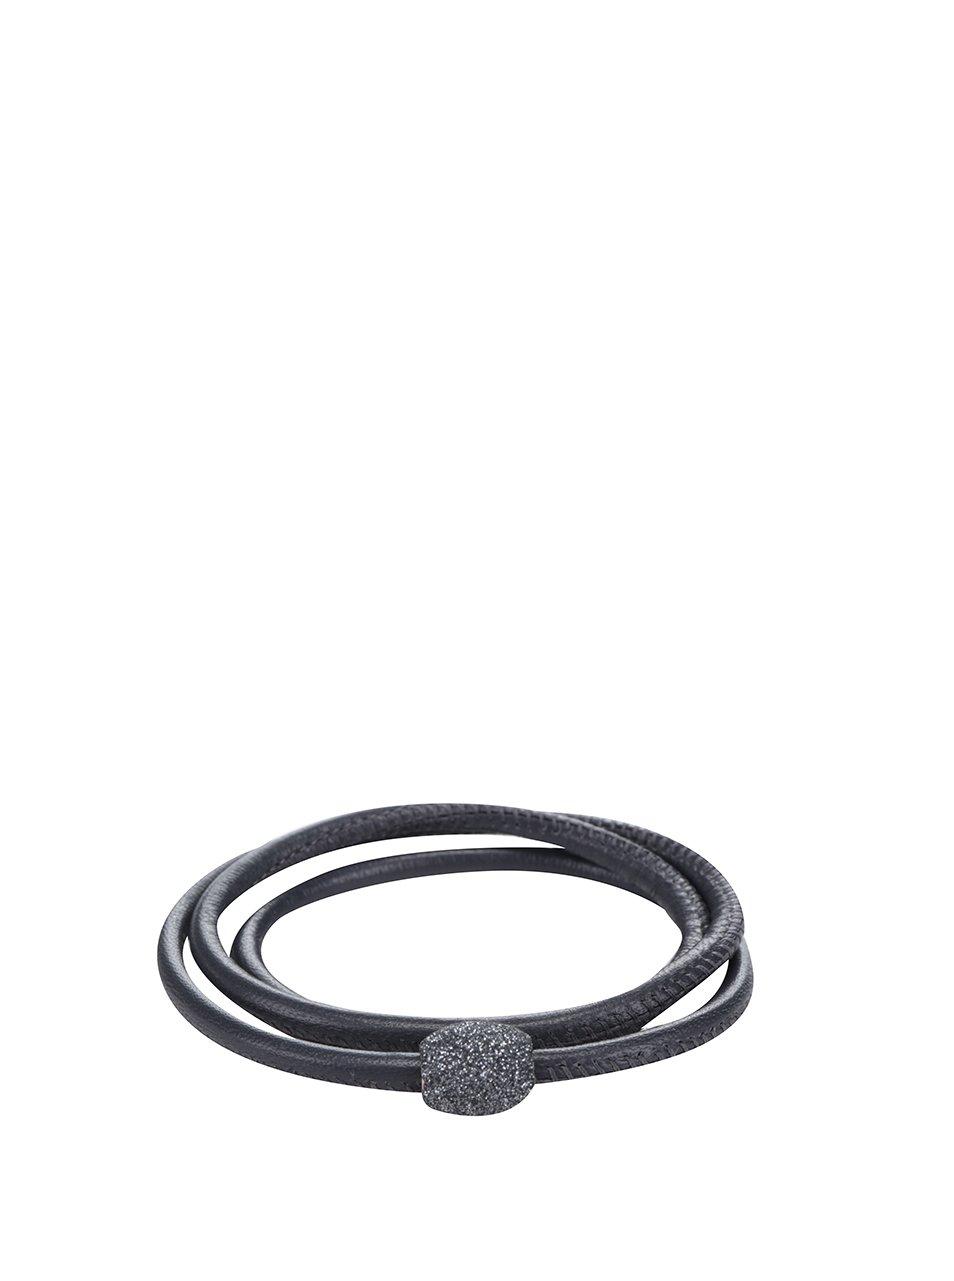 Černý kožený náramek s pískovanou třpytivou ozdobou Qudo Miniera